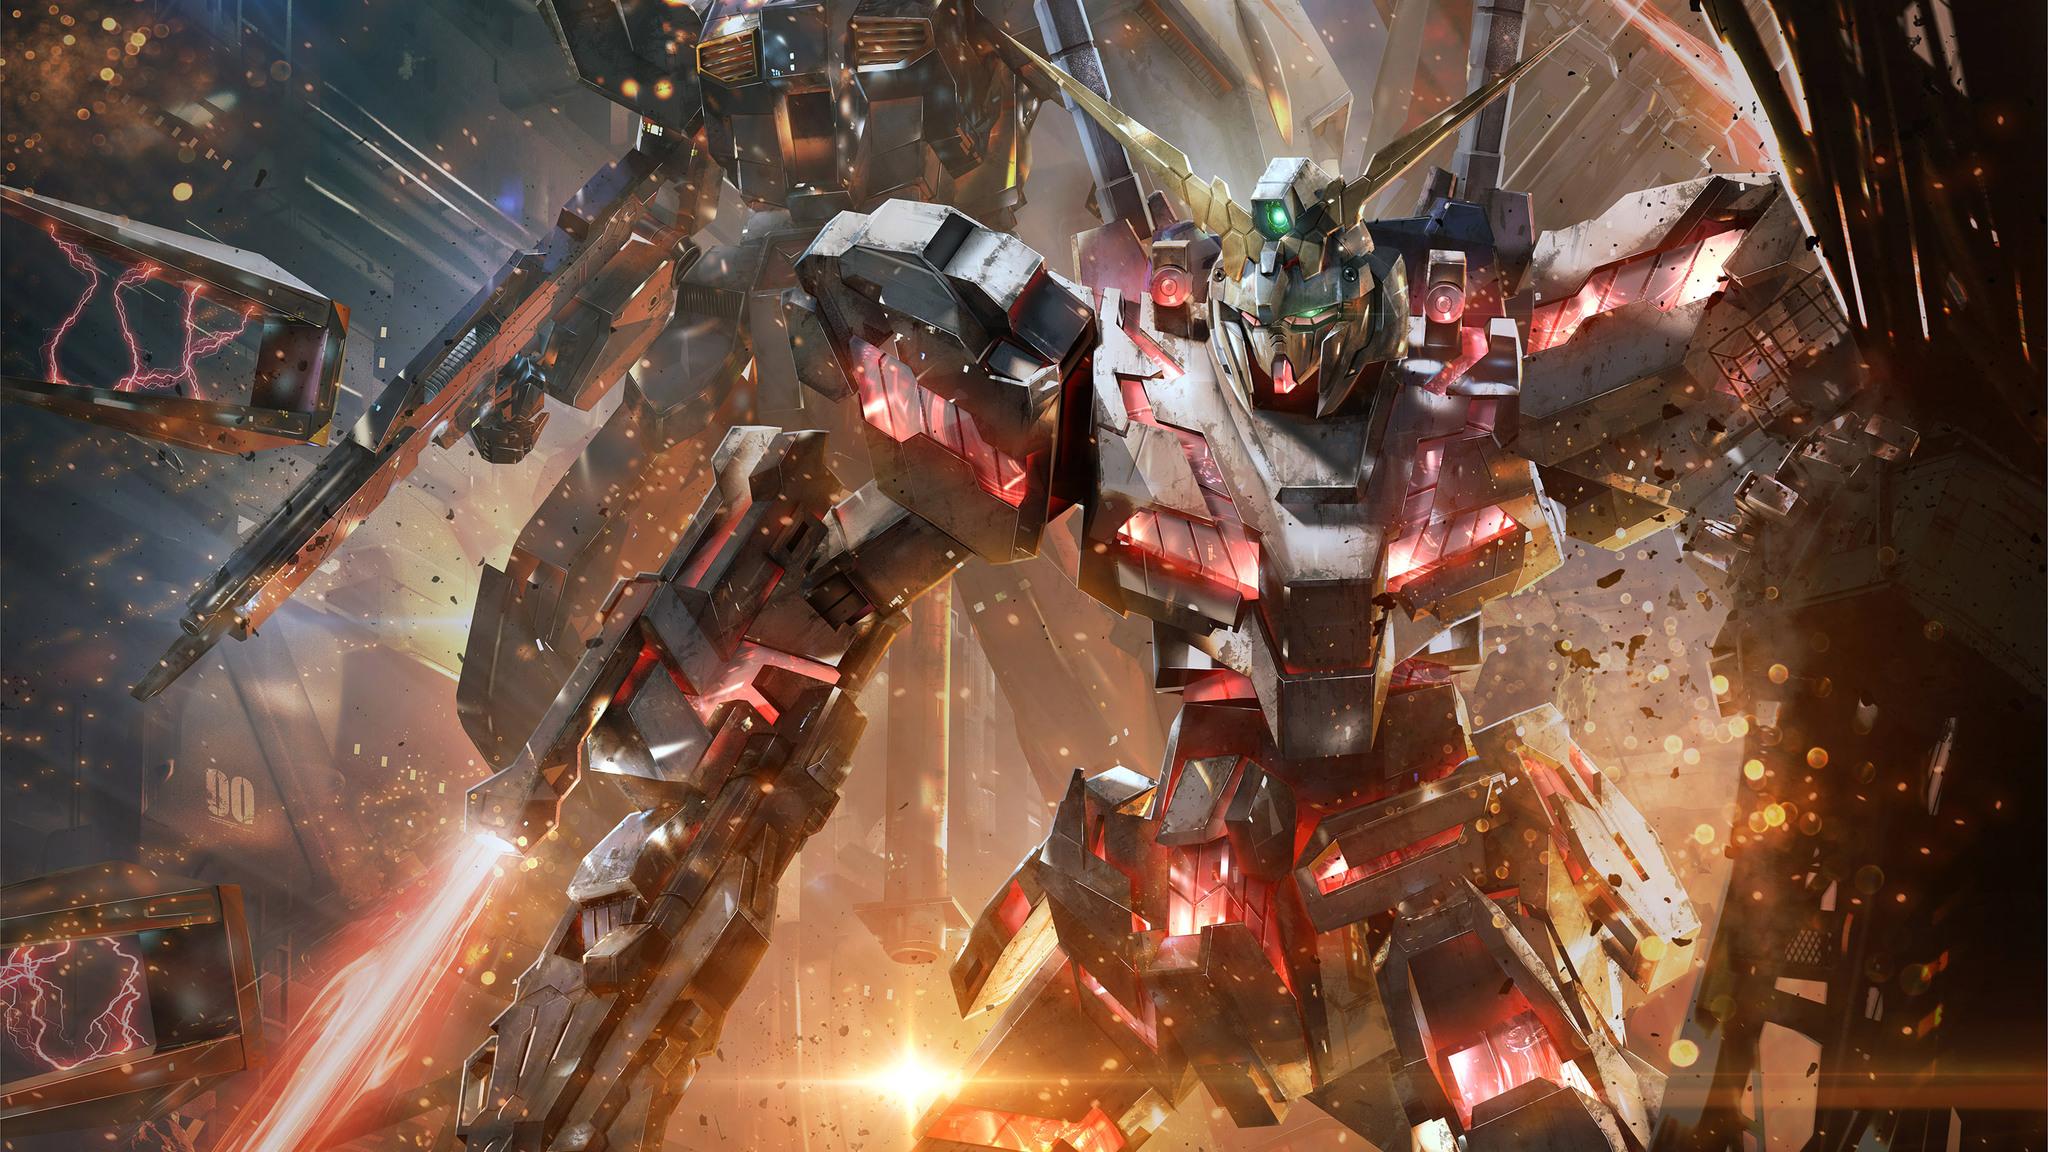 2048x1152 gundam versus 2048x1152 resolution hd 4k wallpapers images backgrounds photos and - Gundam wallpaper hd ...